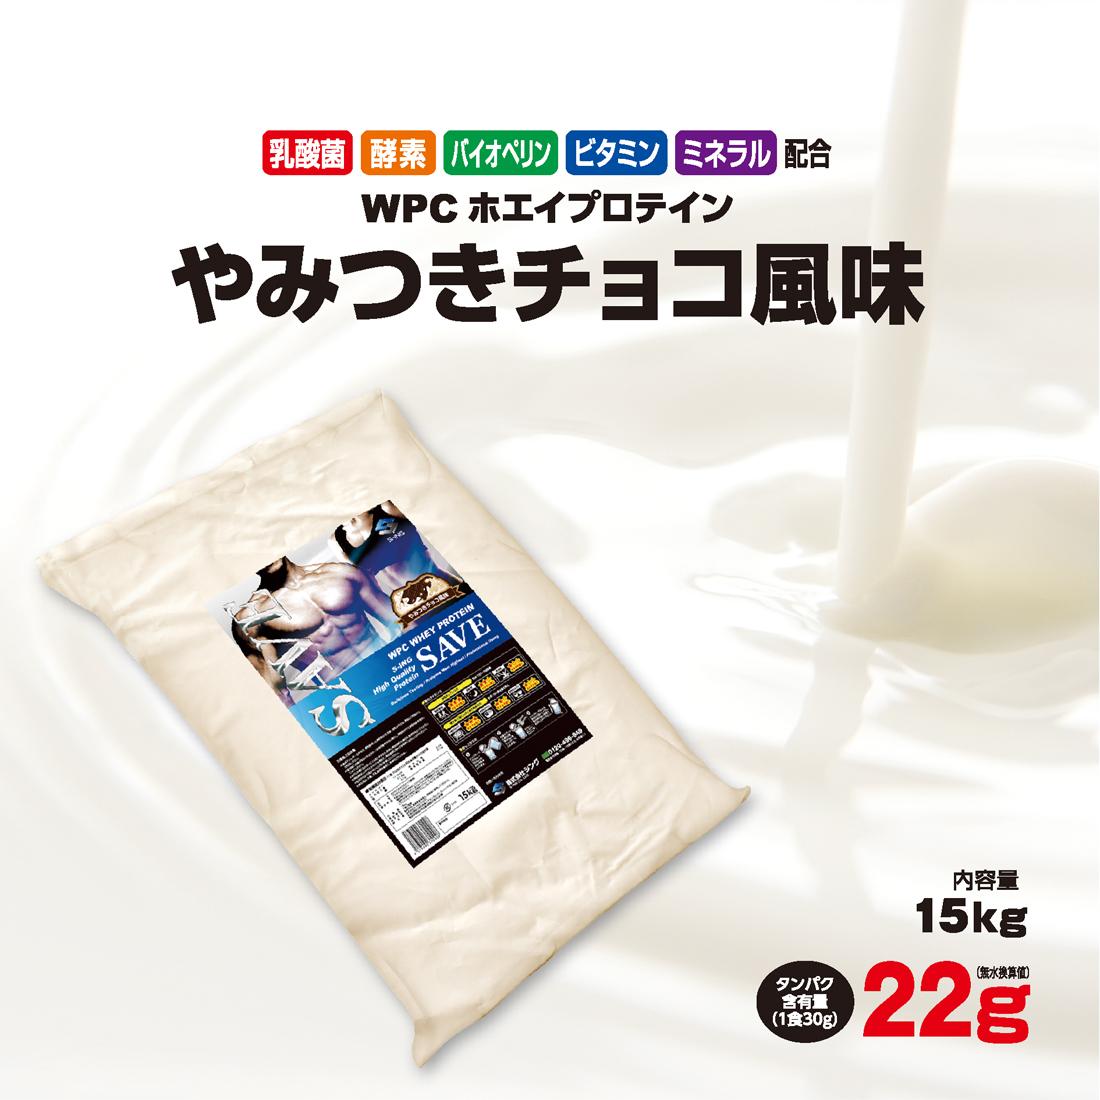 【超お得:ジッパー袋は別途必要な商品です】ホエイプロテイン 15kg チョコ 送料無料 激安 SAVEプロテイン やみつきチョコ風味 WPC 乳酸菌 バイオペリン エンザミン酵素配合